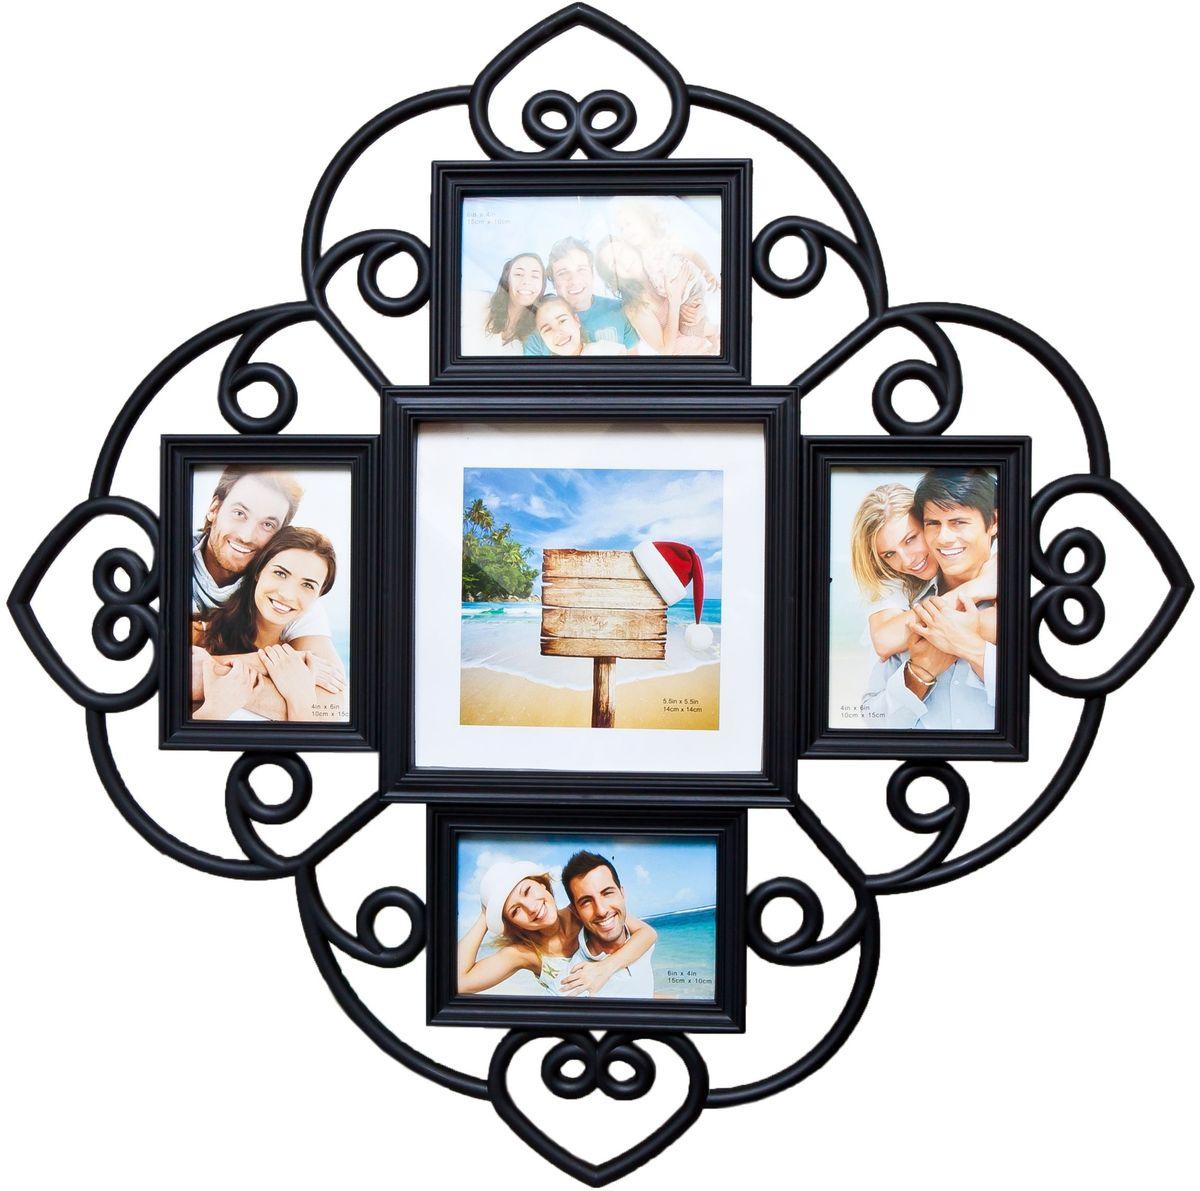 Фоторамка Platinum, цвет: черный, на 5 фото. BH-140574-0060Фоторамка Platinum - прекрасный способ красиво оформить ваши фотографии. Фоторамка выполнена из пластика и защищена стеклом. Фоторамка-коллаж представляет собой пять фоторамок для фото разного размера оригинально соединенных между собой. Такая фоторамка поможет сохранить в памяти самые яркие моменты вашей жизни, а стильный дизайн сделает ее прекрасным дополнением интерьера комнаты. Фоторамка подходит для 4 фото 10 х 15 см и 1 фото 14 х 14 см.Общий размер фоторамки: 53 х 53 см.